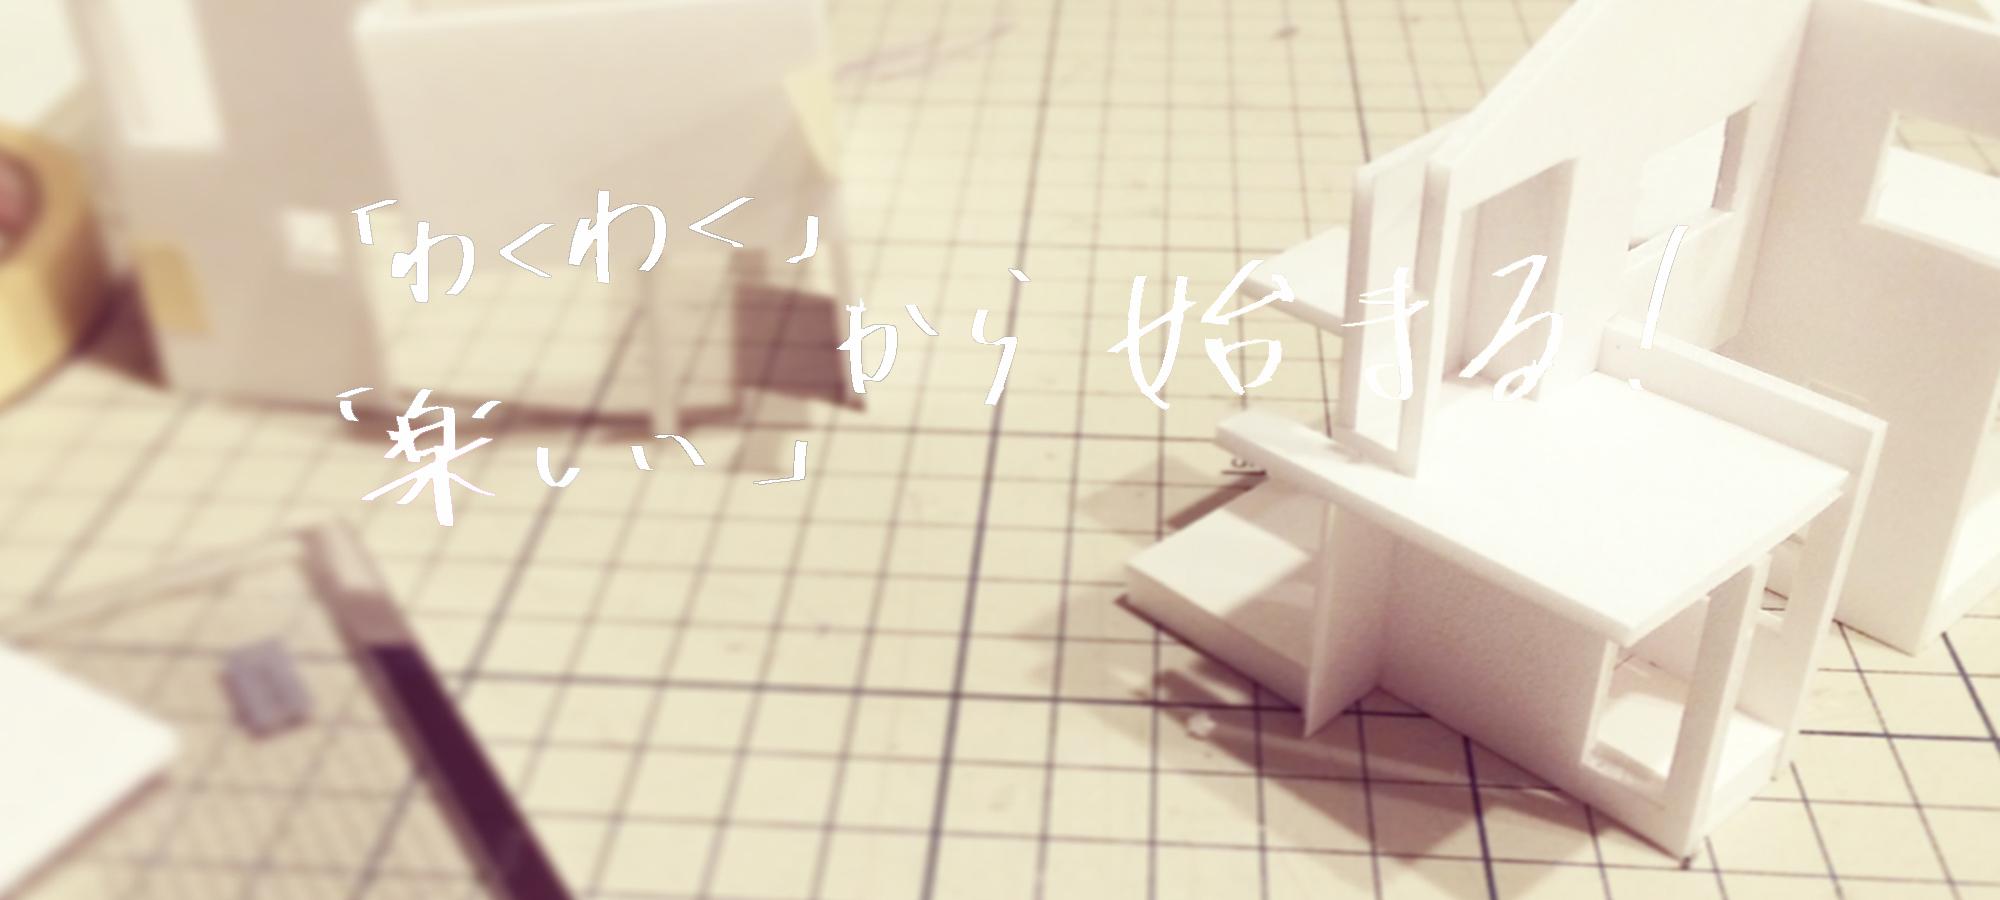 高山康宏建築デザイン | 京都 | 住宅・店舗デザイン等の建築設計 |